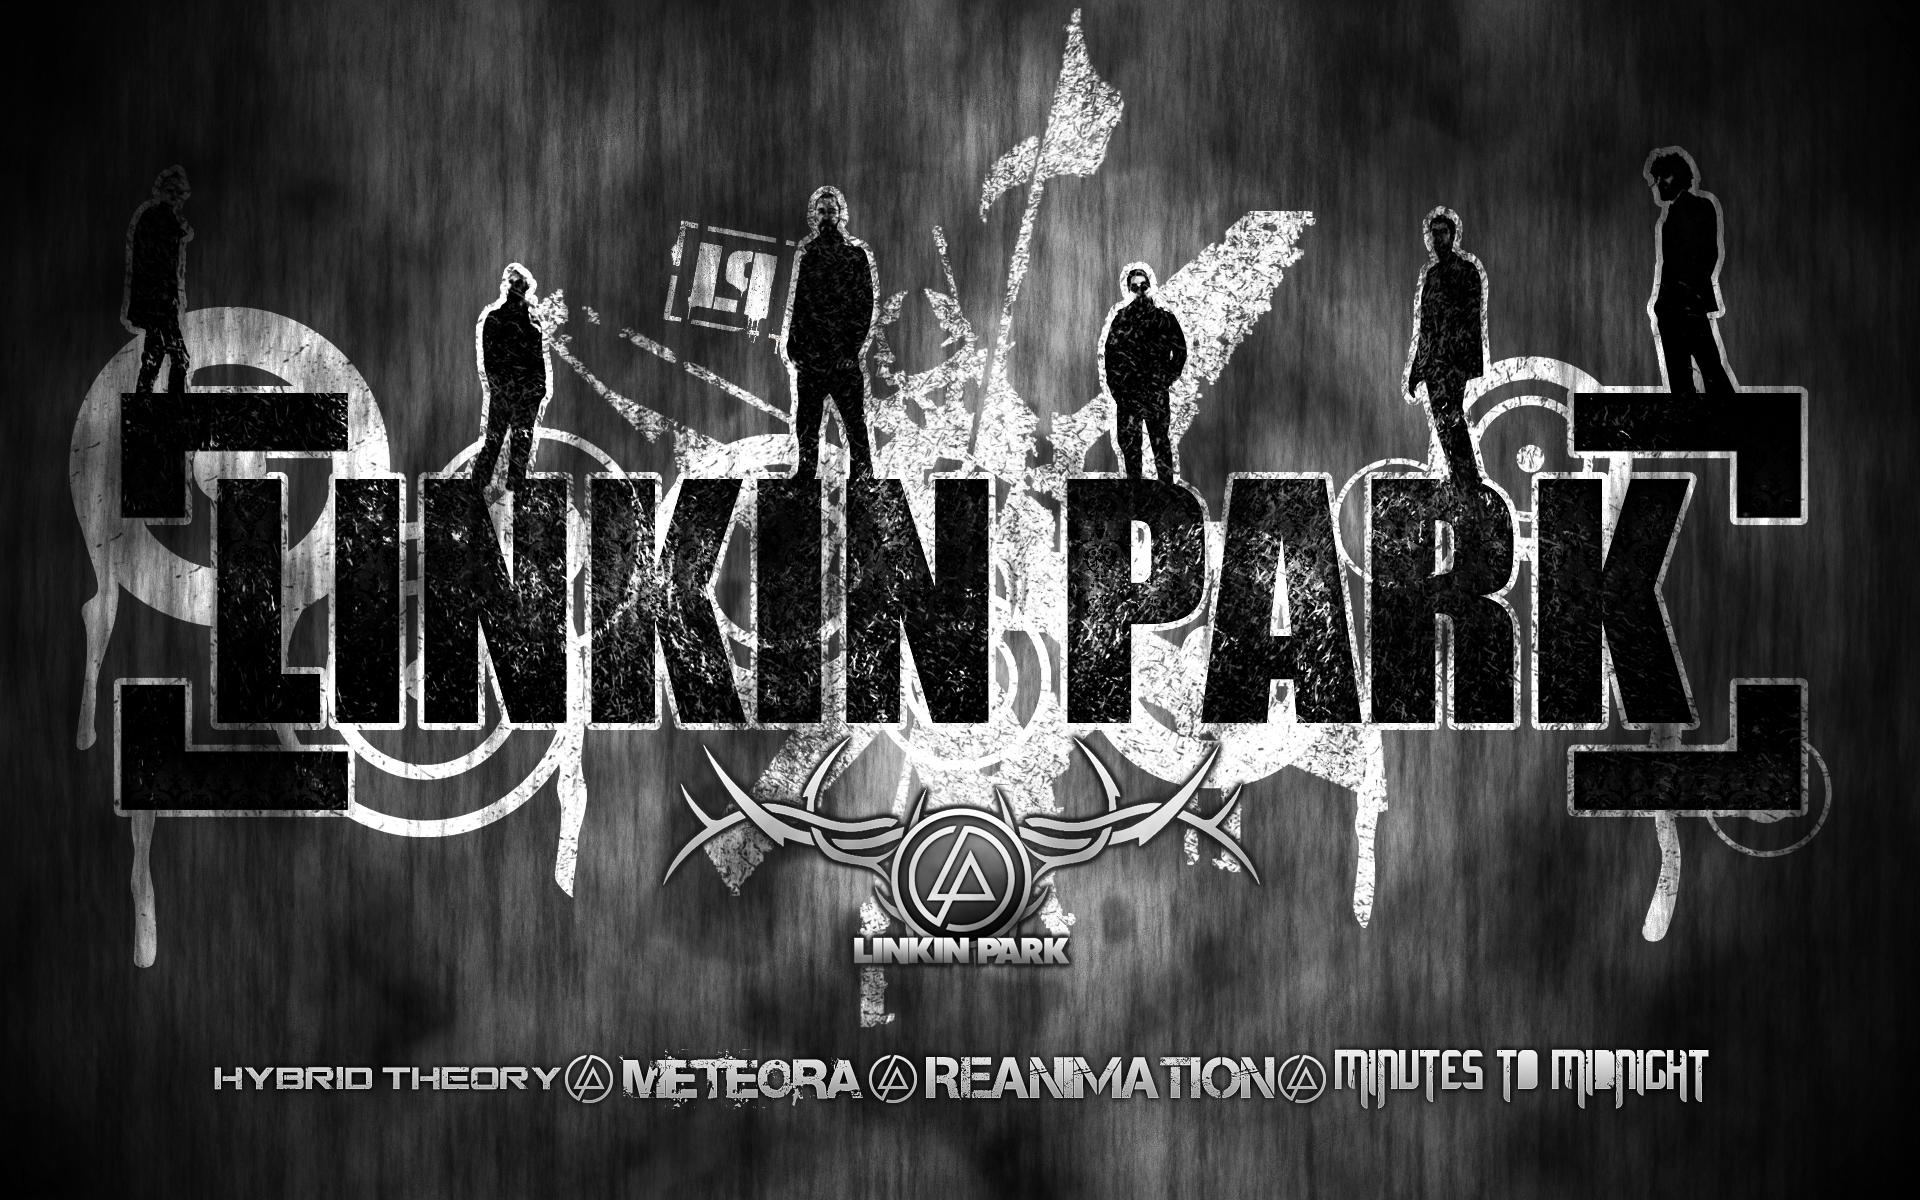 Linkin Park Wallpaper High Quality Linkin Park Wallpaper Linkin Park Park Pictures